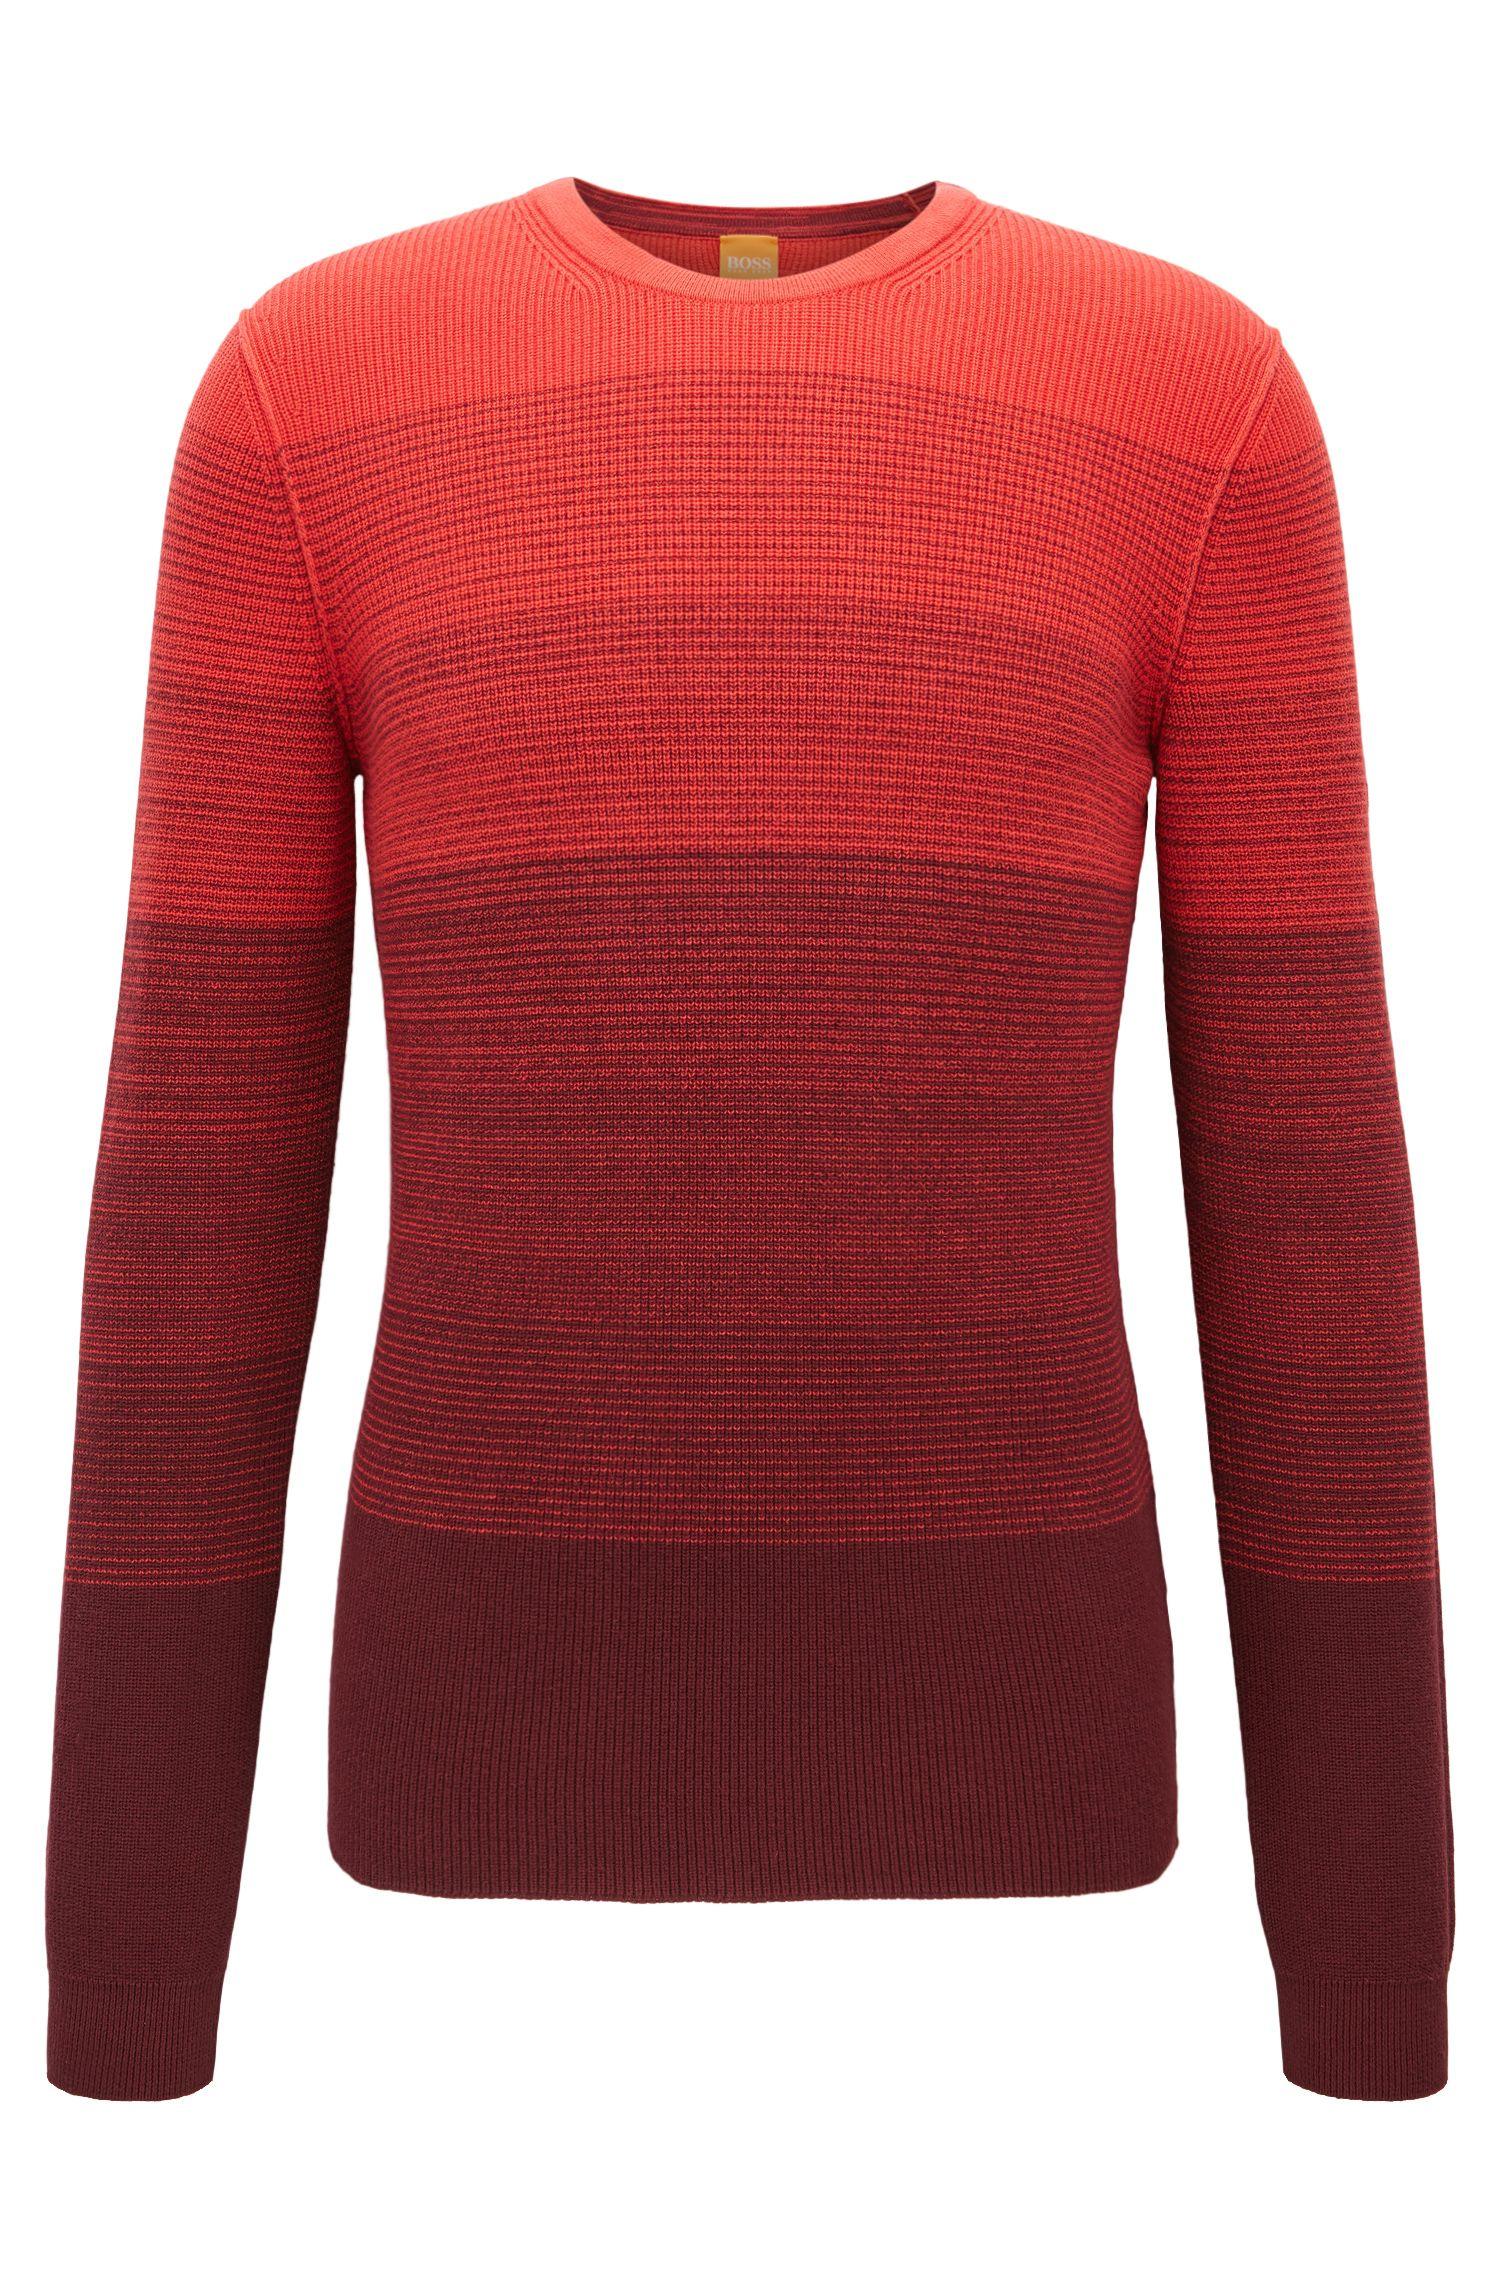 Pullover aus Baumwolle mit Dégradé-Rippstruktur